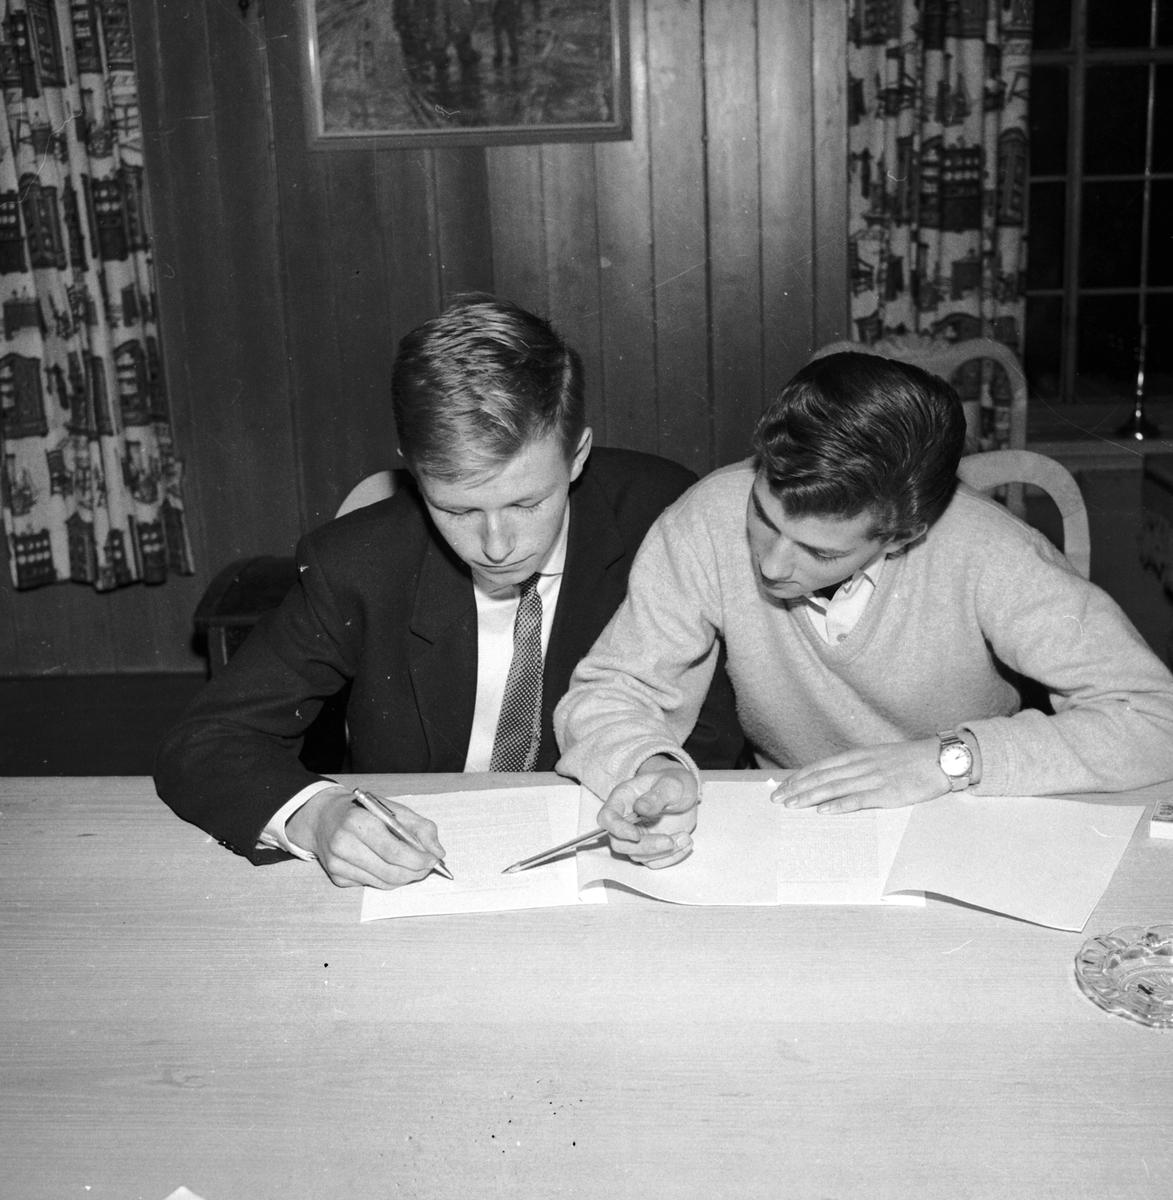 KARL TEXNES (T. V. ) OG TORMOD AAS. KURS I HAMAR UNGE HØIRE. (HS 22. NOVEMBER 1960). POLITIKK. STED: HOTELL ASTORIA KOMMUNE: HAMAR DATO:21. 11. 1960 FOTO:EGIL M. KRISTIANSEN